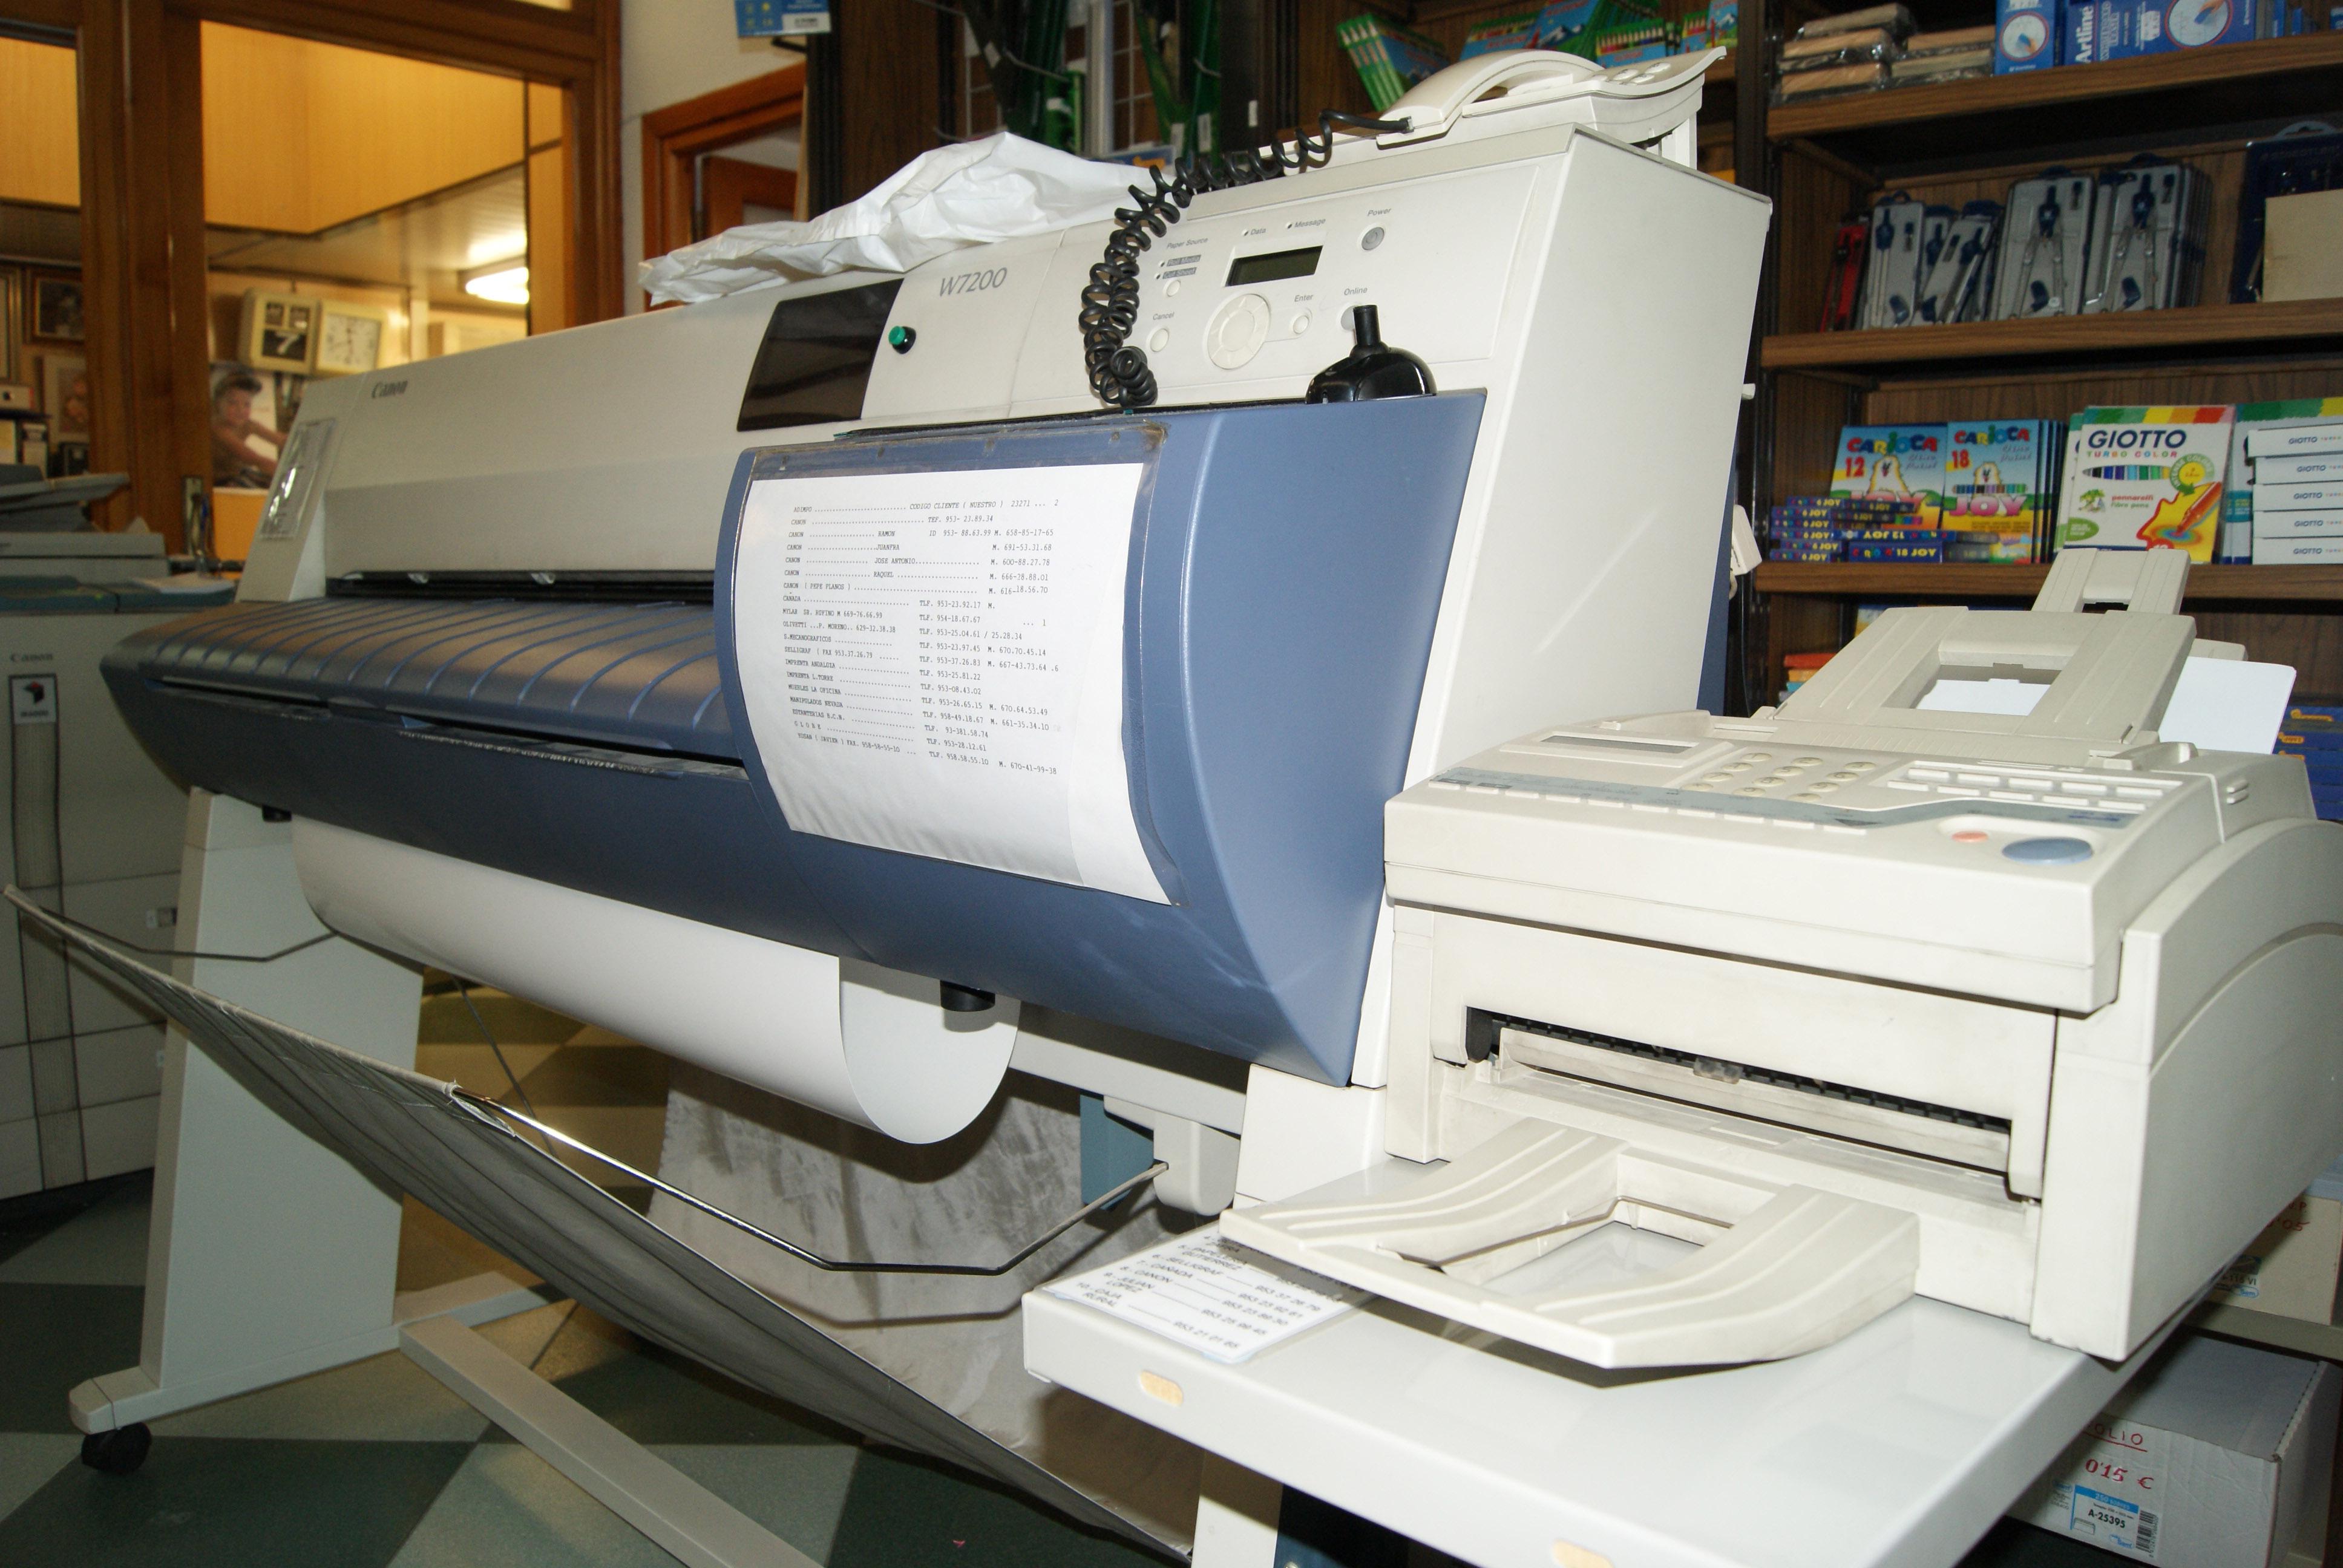 Impresora de planos y posters